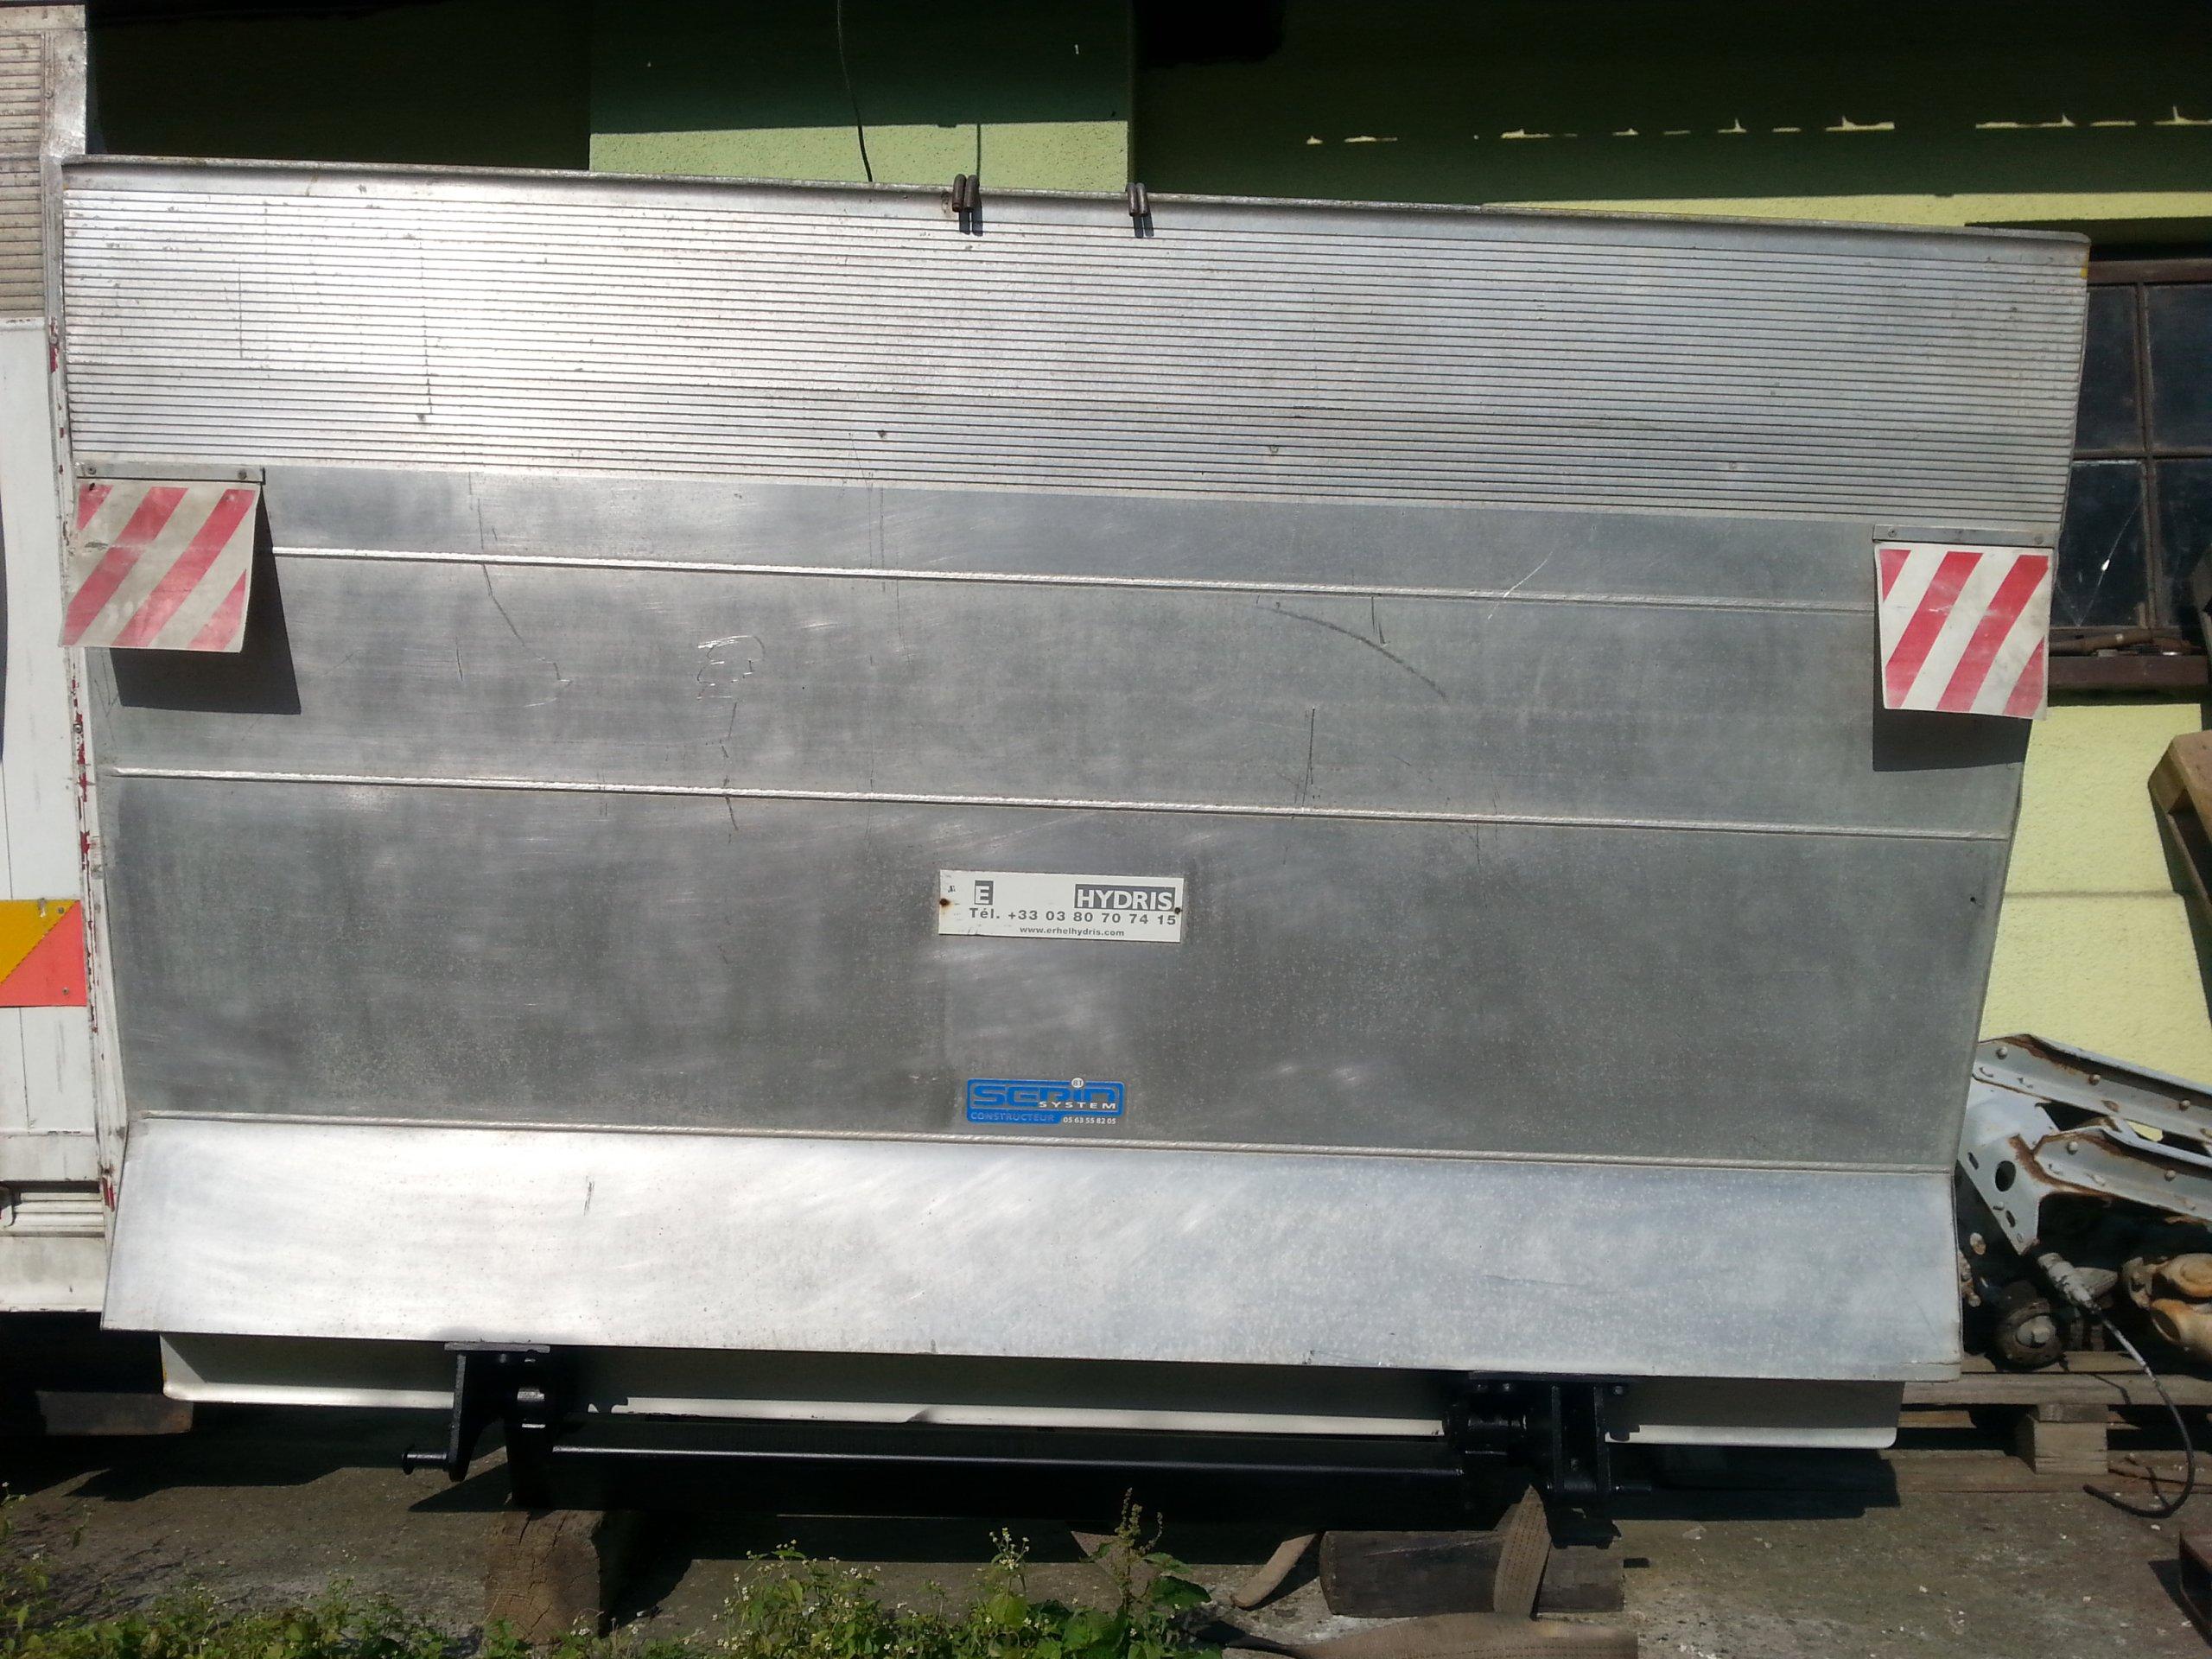 Fantastyczny Winda załadowcza Montaż Serwis Sprzedaż hydroklapa - 7086507686 WL84